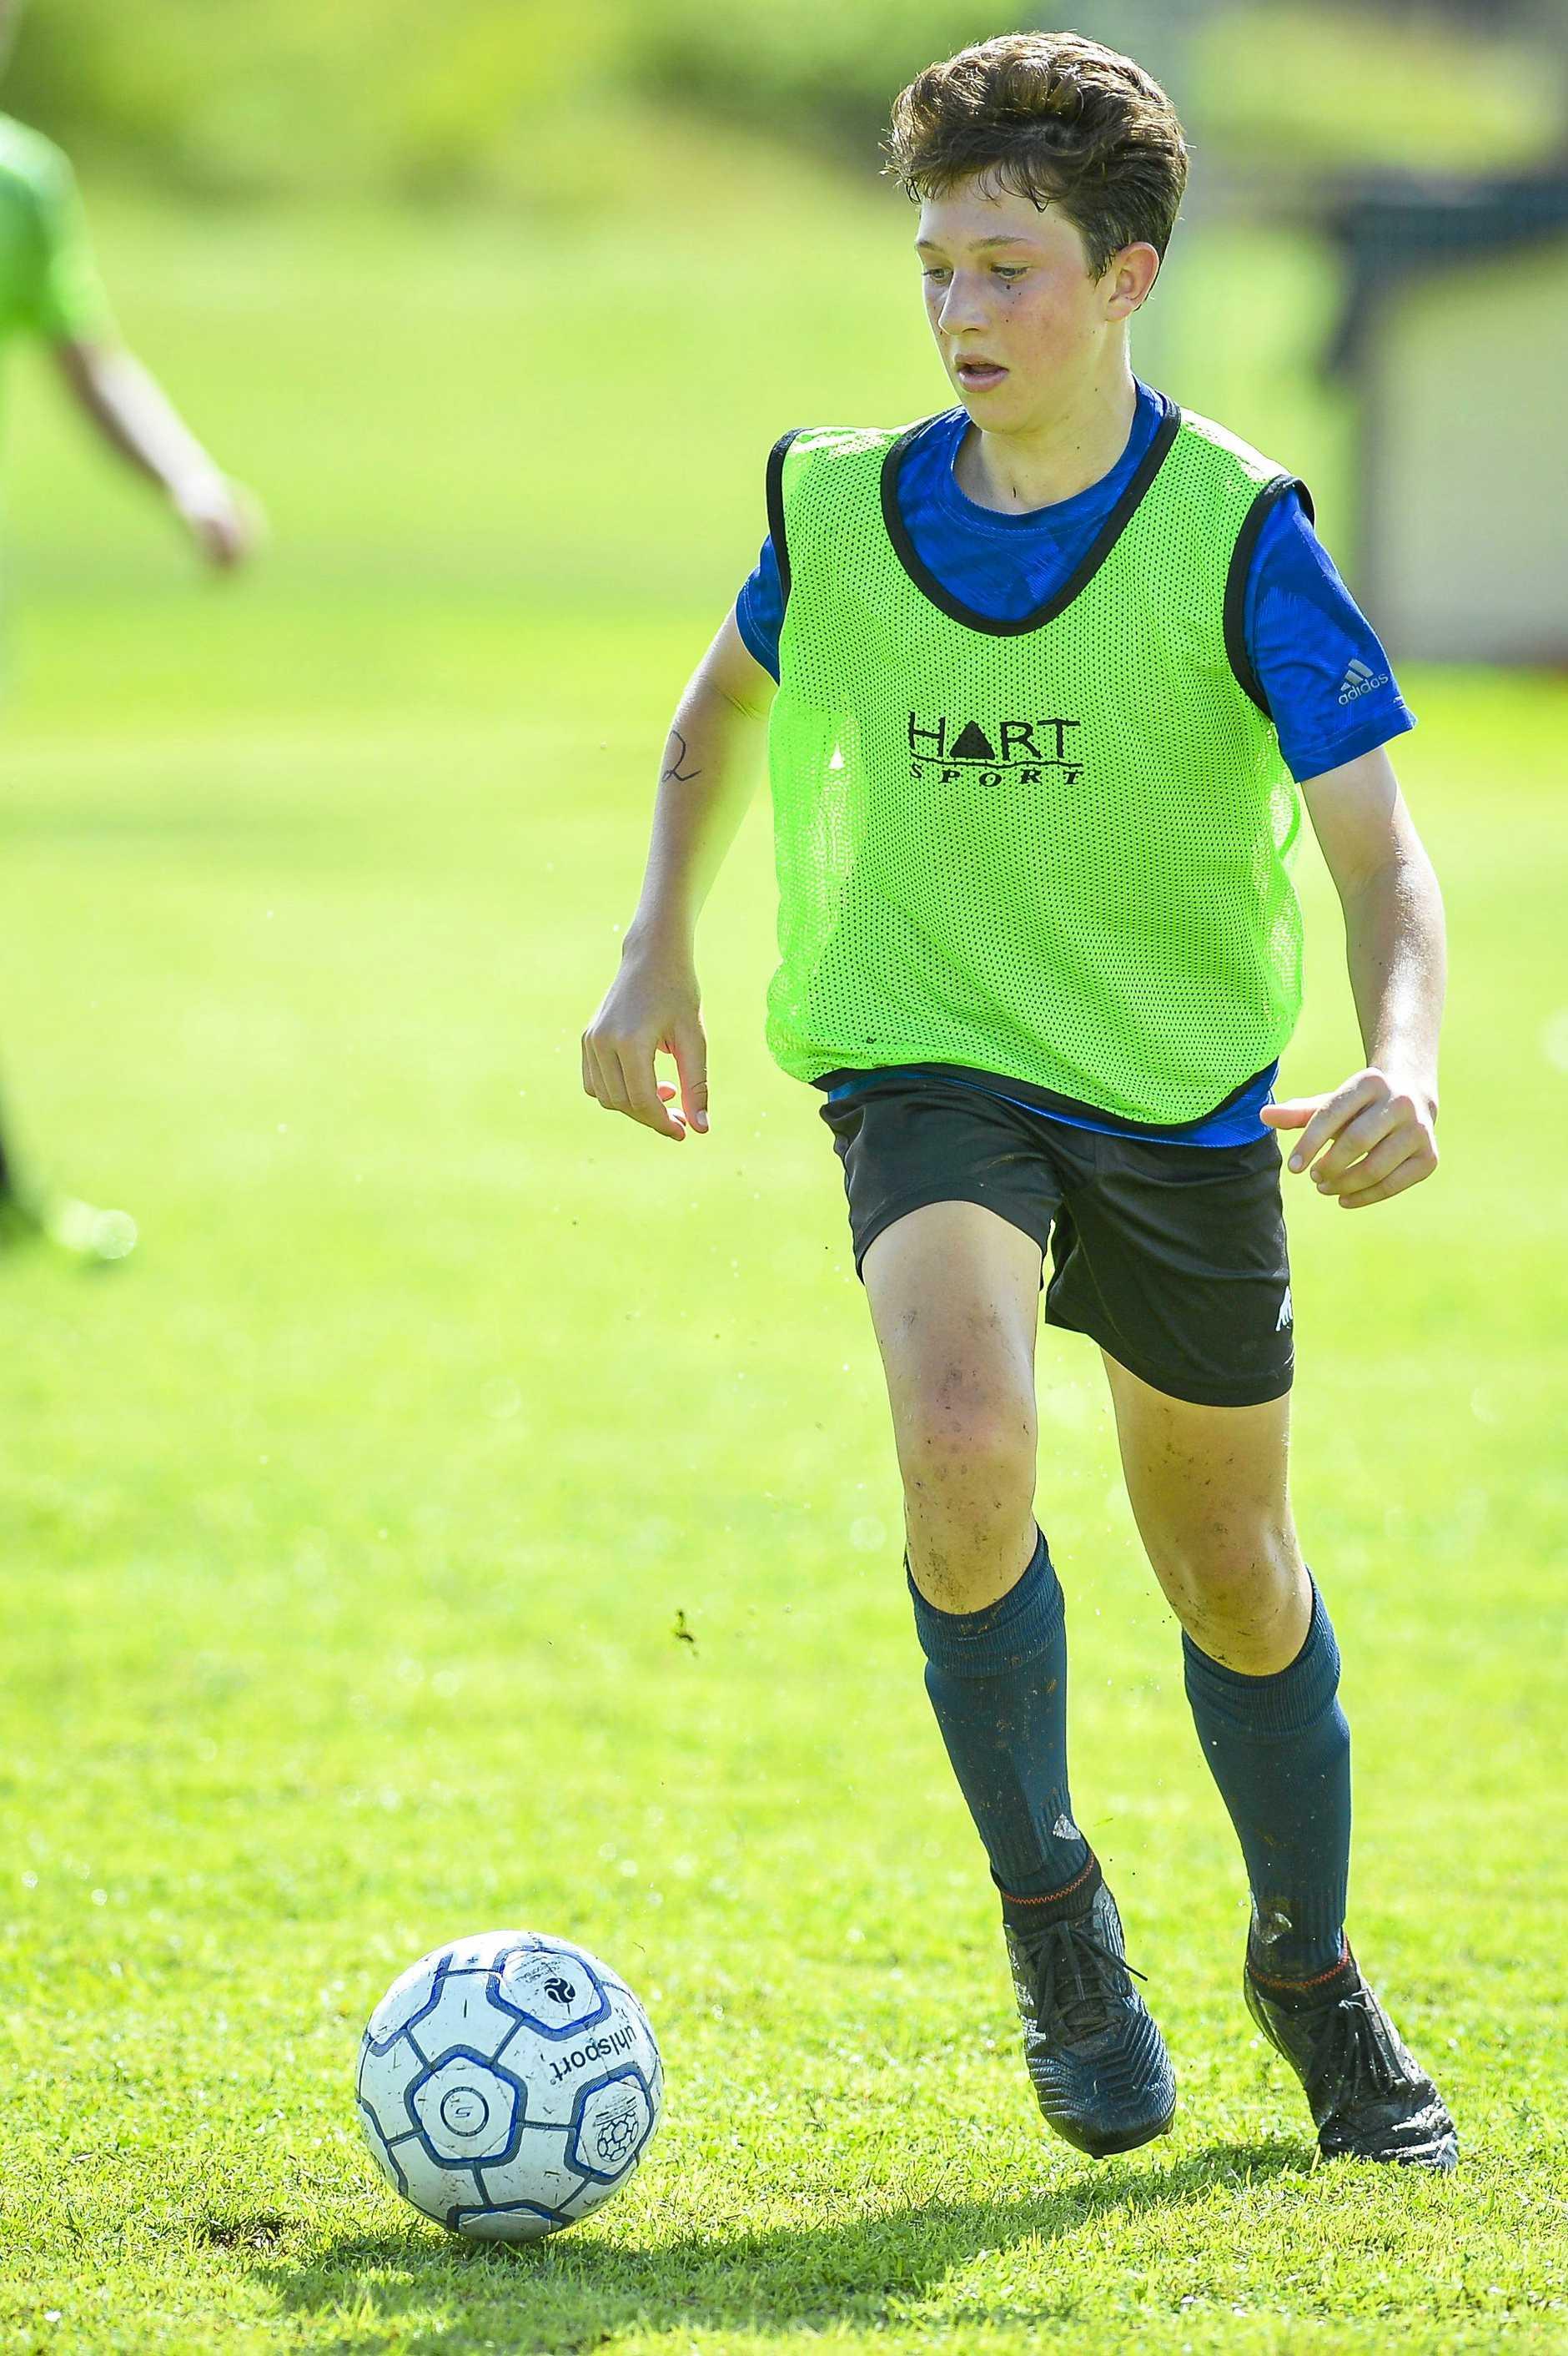 Dan Gold, U15 at the QLD quad series boys trials.